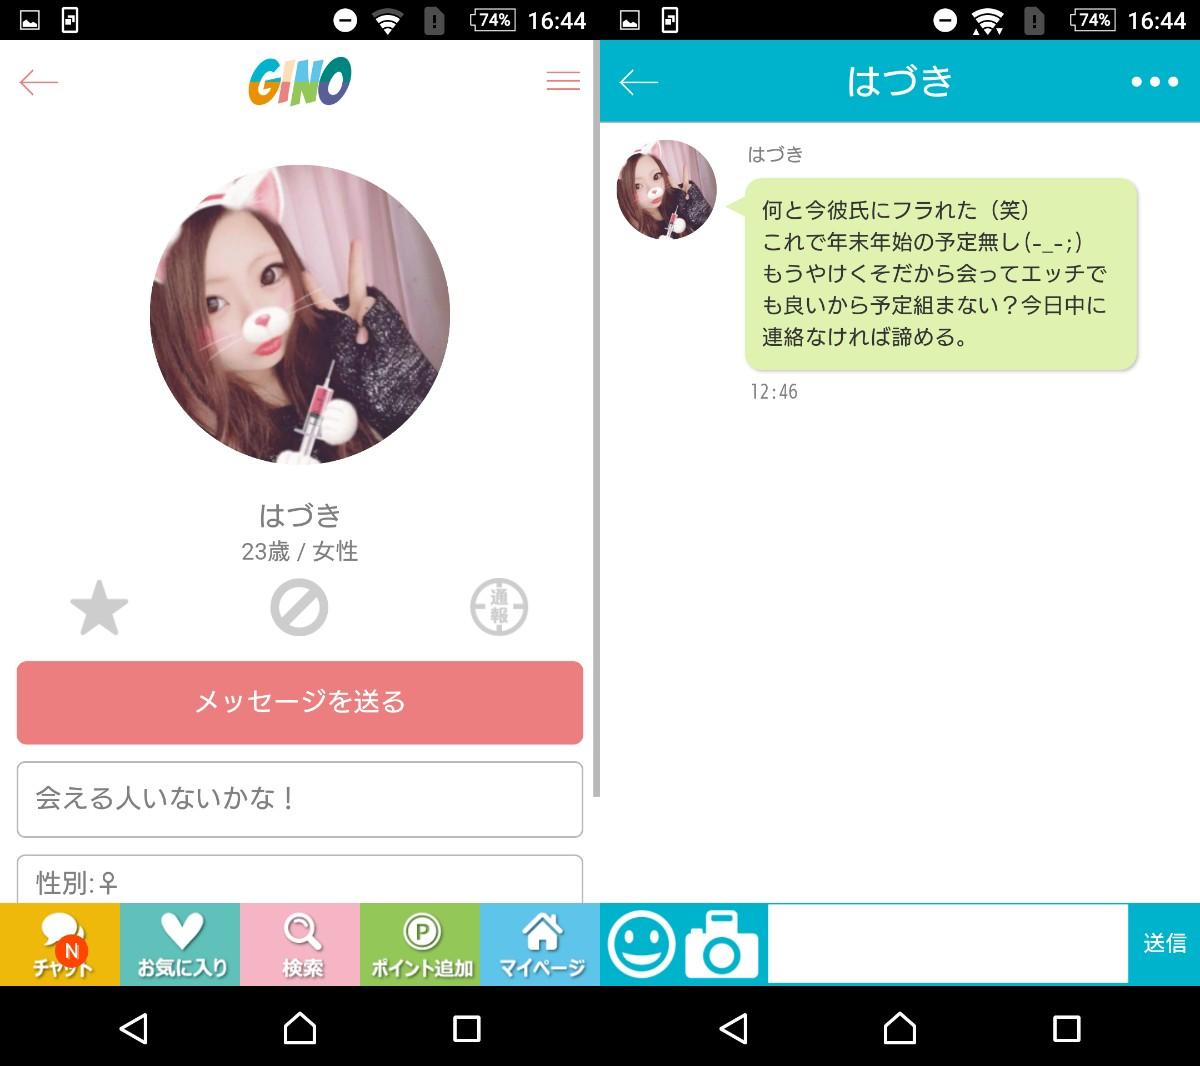 出会系チャットのジーノ 恋人探し&友達作りアプリで恋活トークサクラのはづき